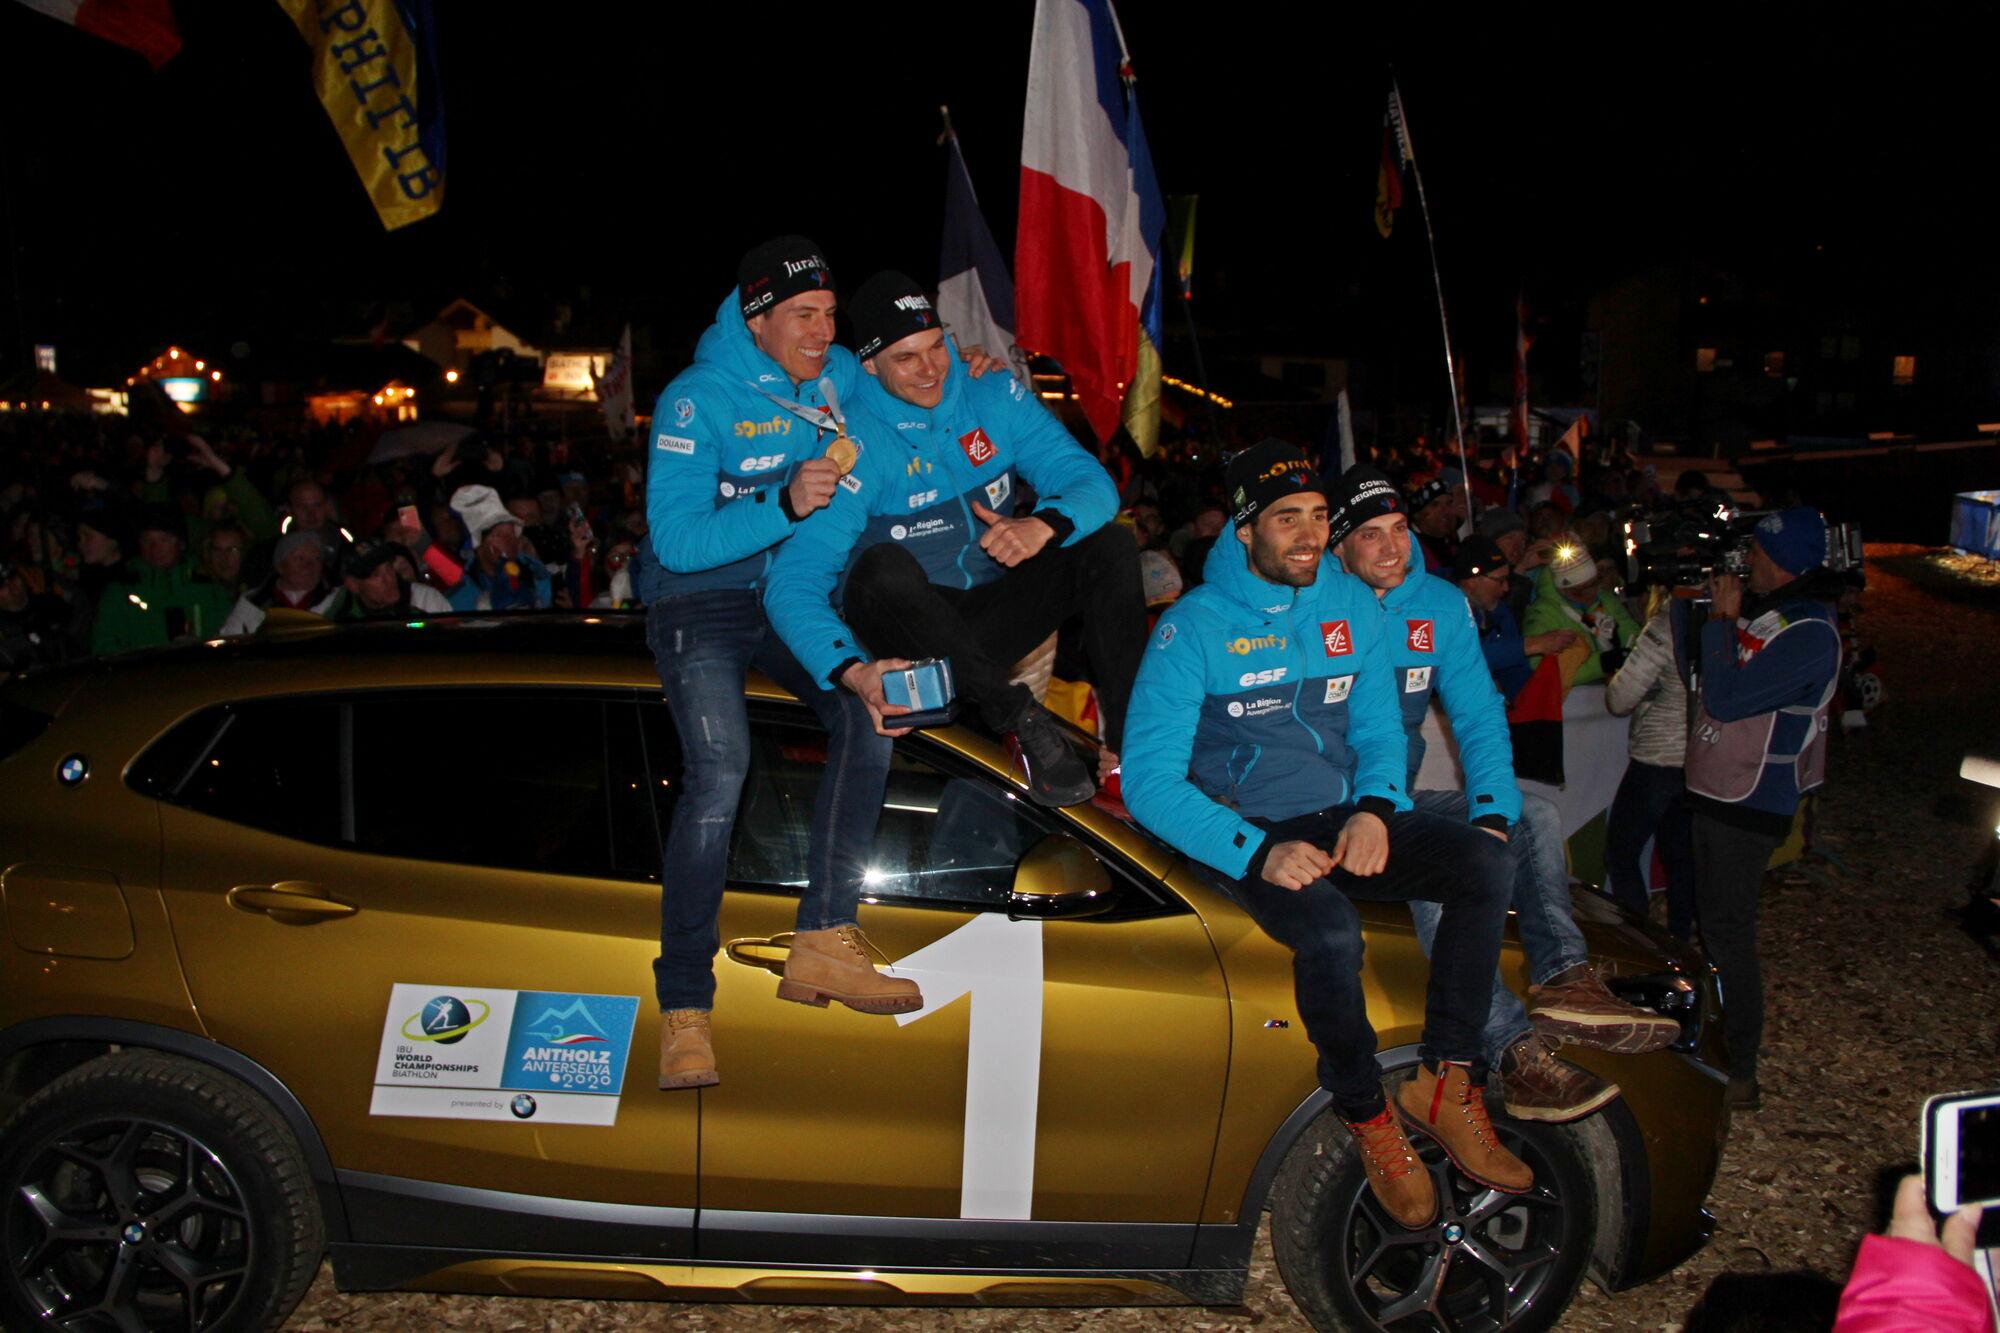 Французы не стеснялись праздновать победу в эстафете